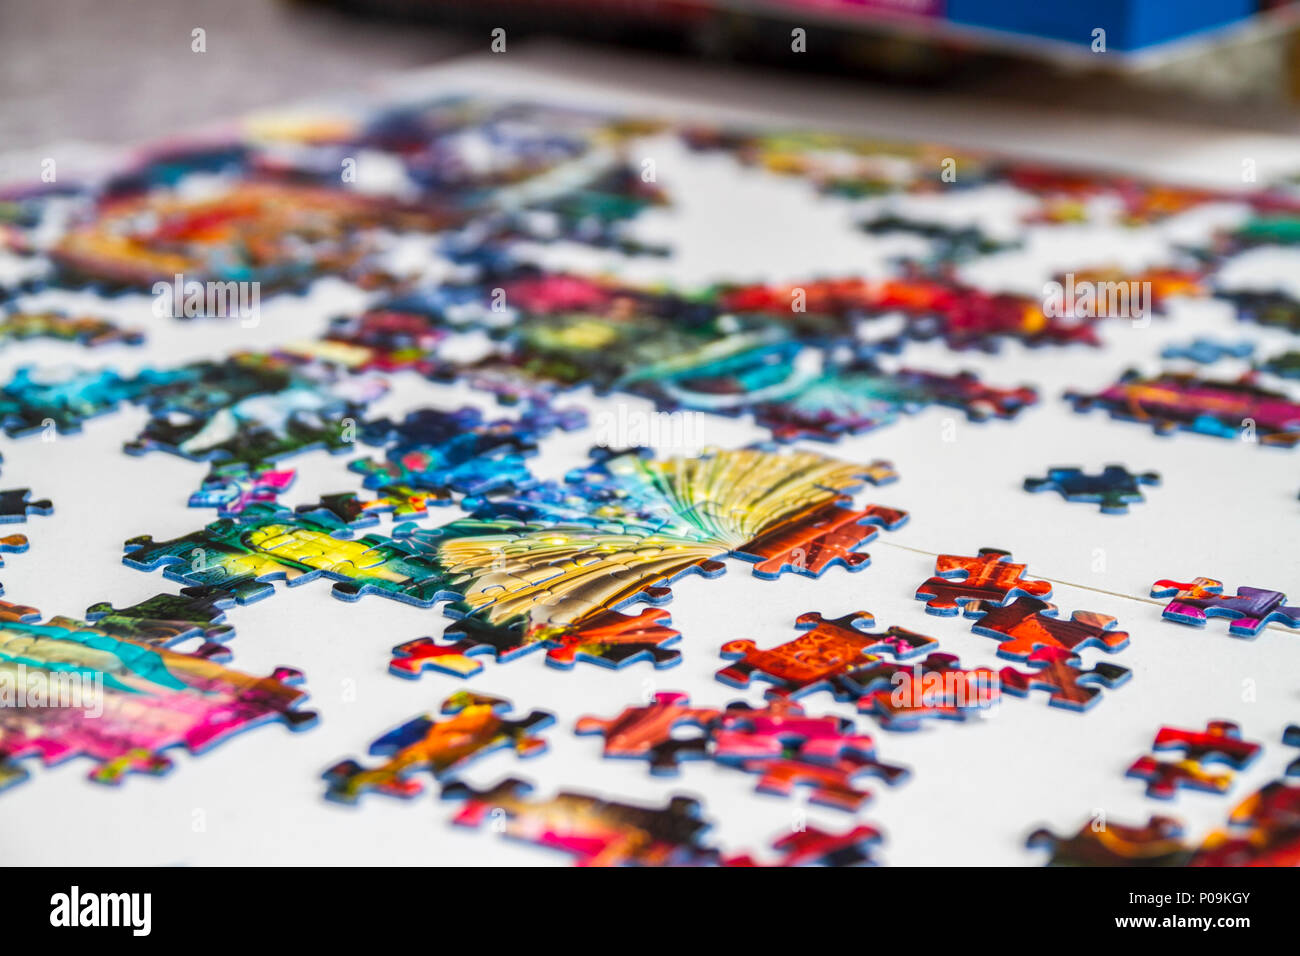 Grande pièce de puzzle 1000 pièces, plusieurs couleurs, coloré pour l'éducation en famille Banque D'Images